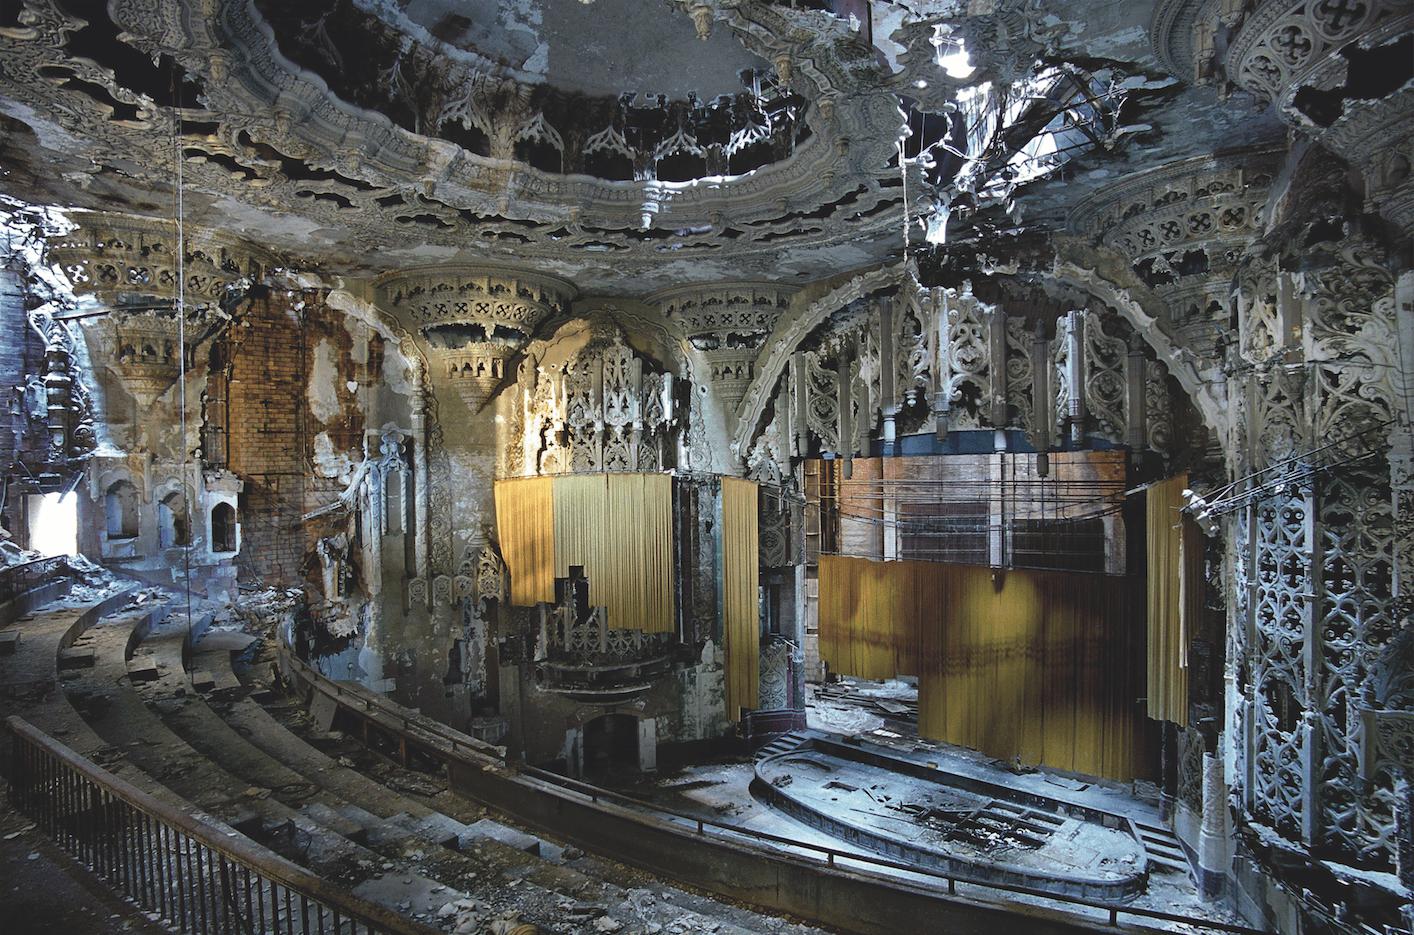 Carnet de voyage : Les Ruines de Detroit - Yves Marchand et Romain Meffre - Bouts du monde